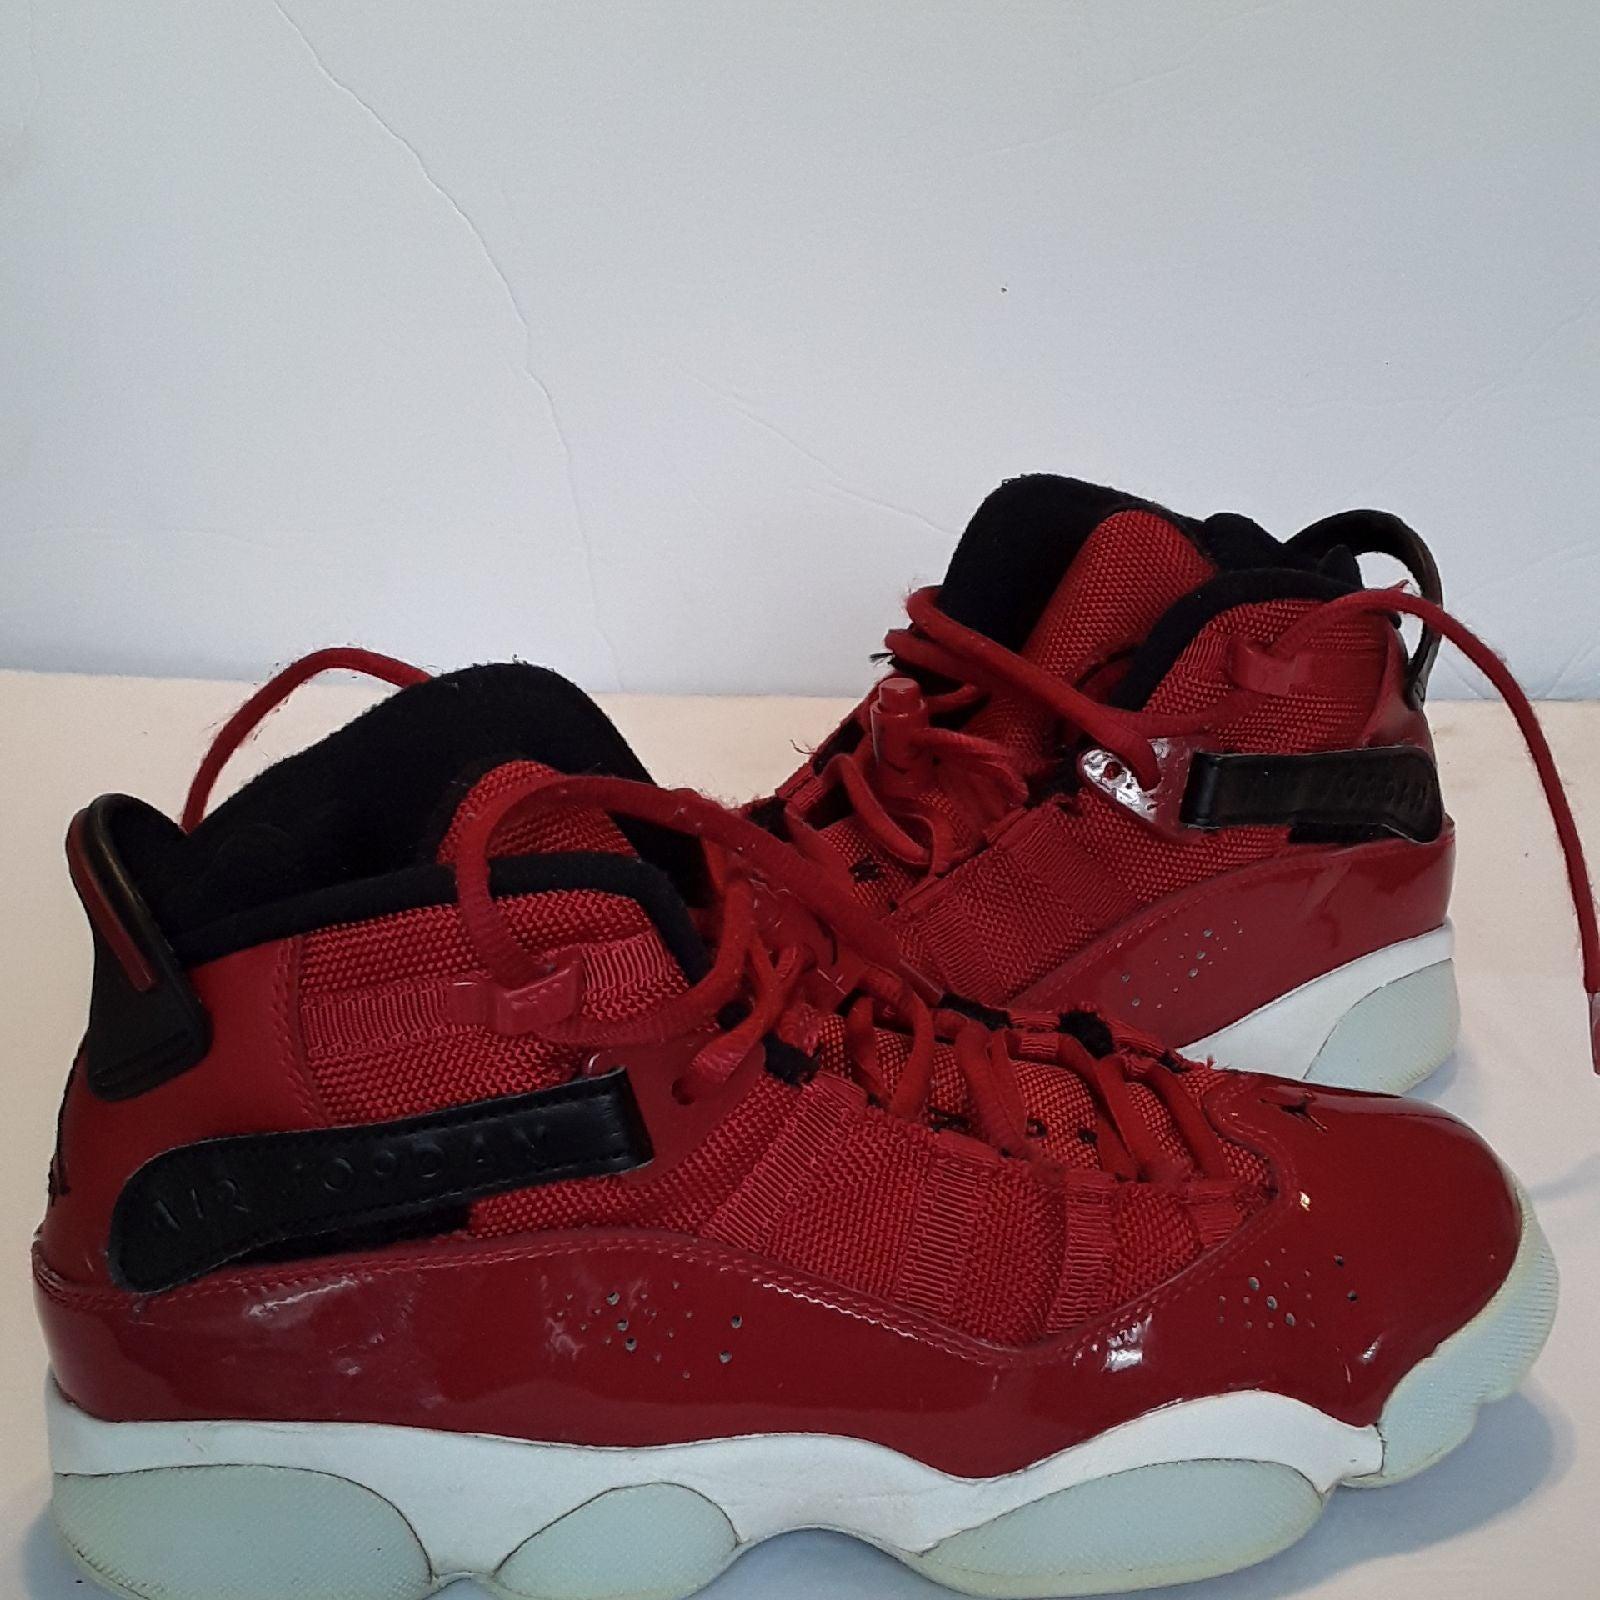 Jordan 6 rings red